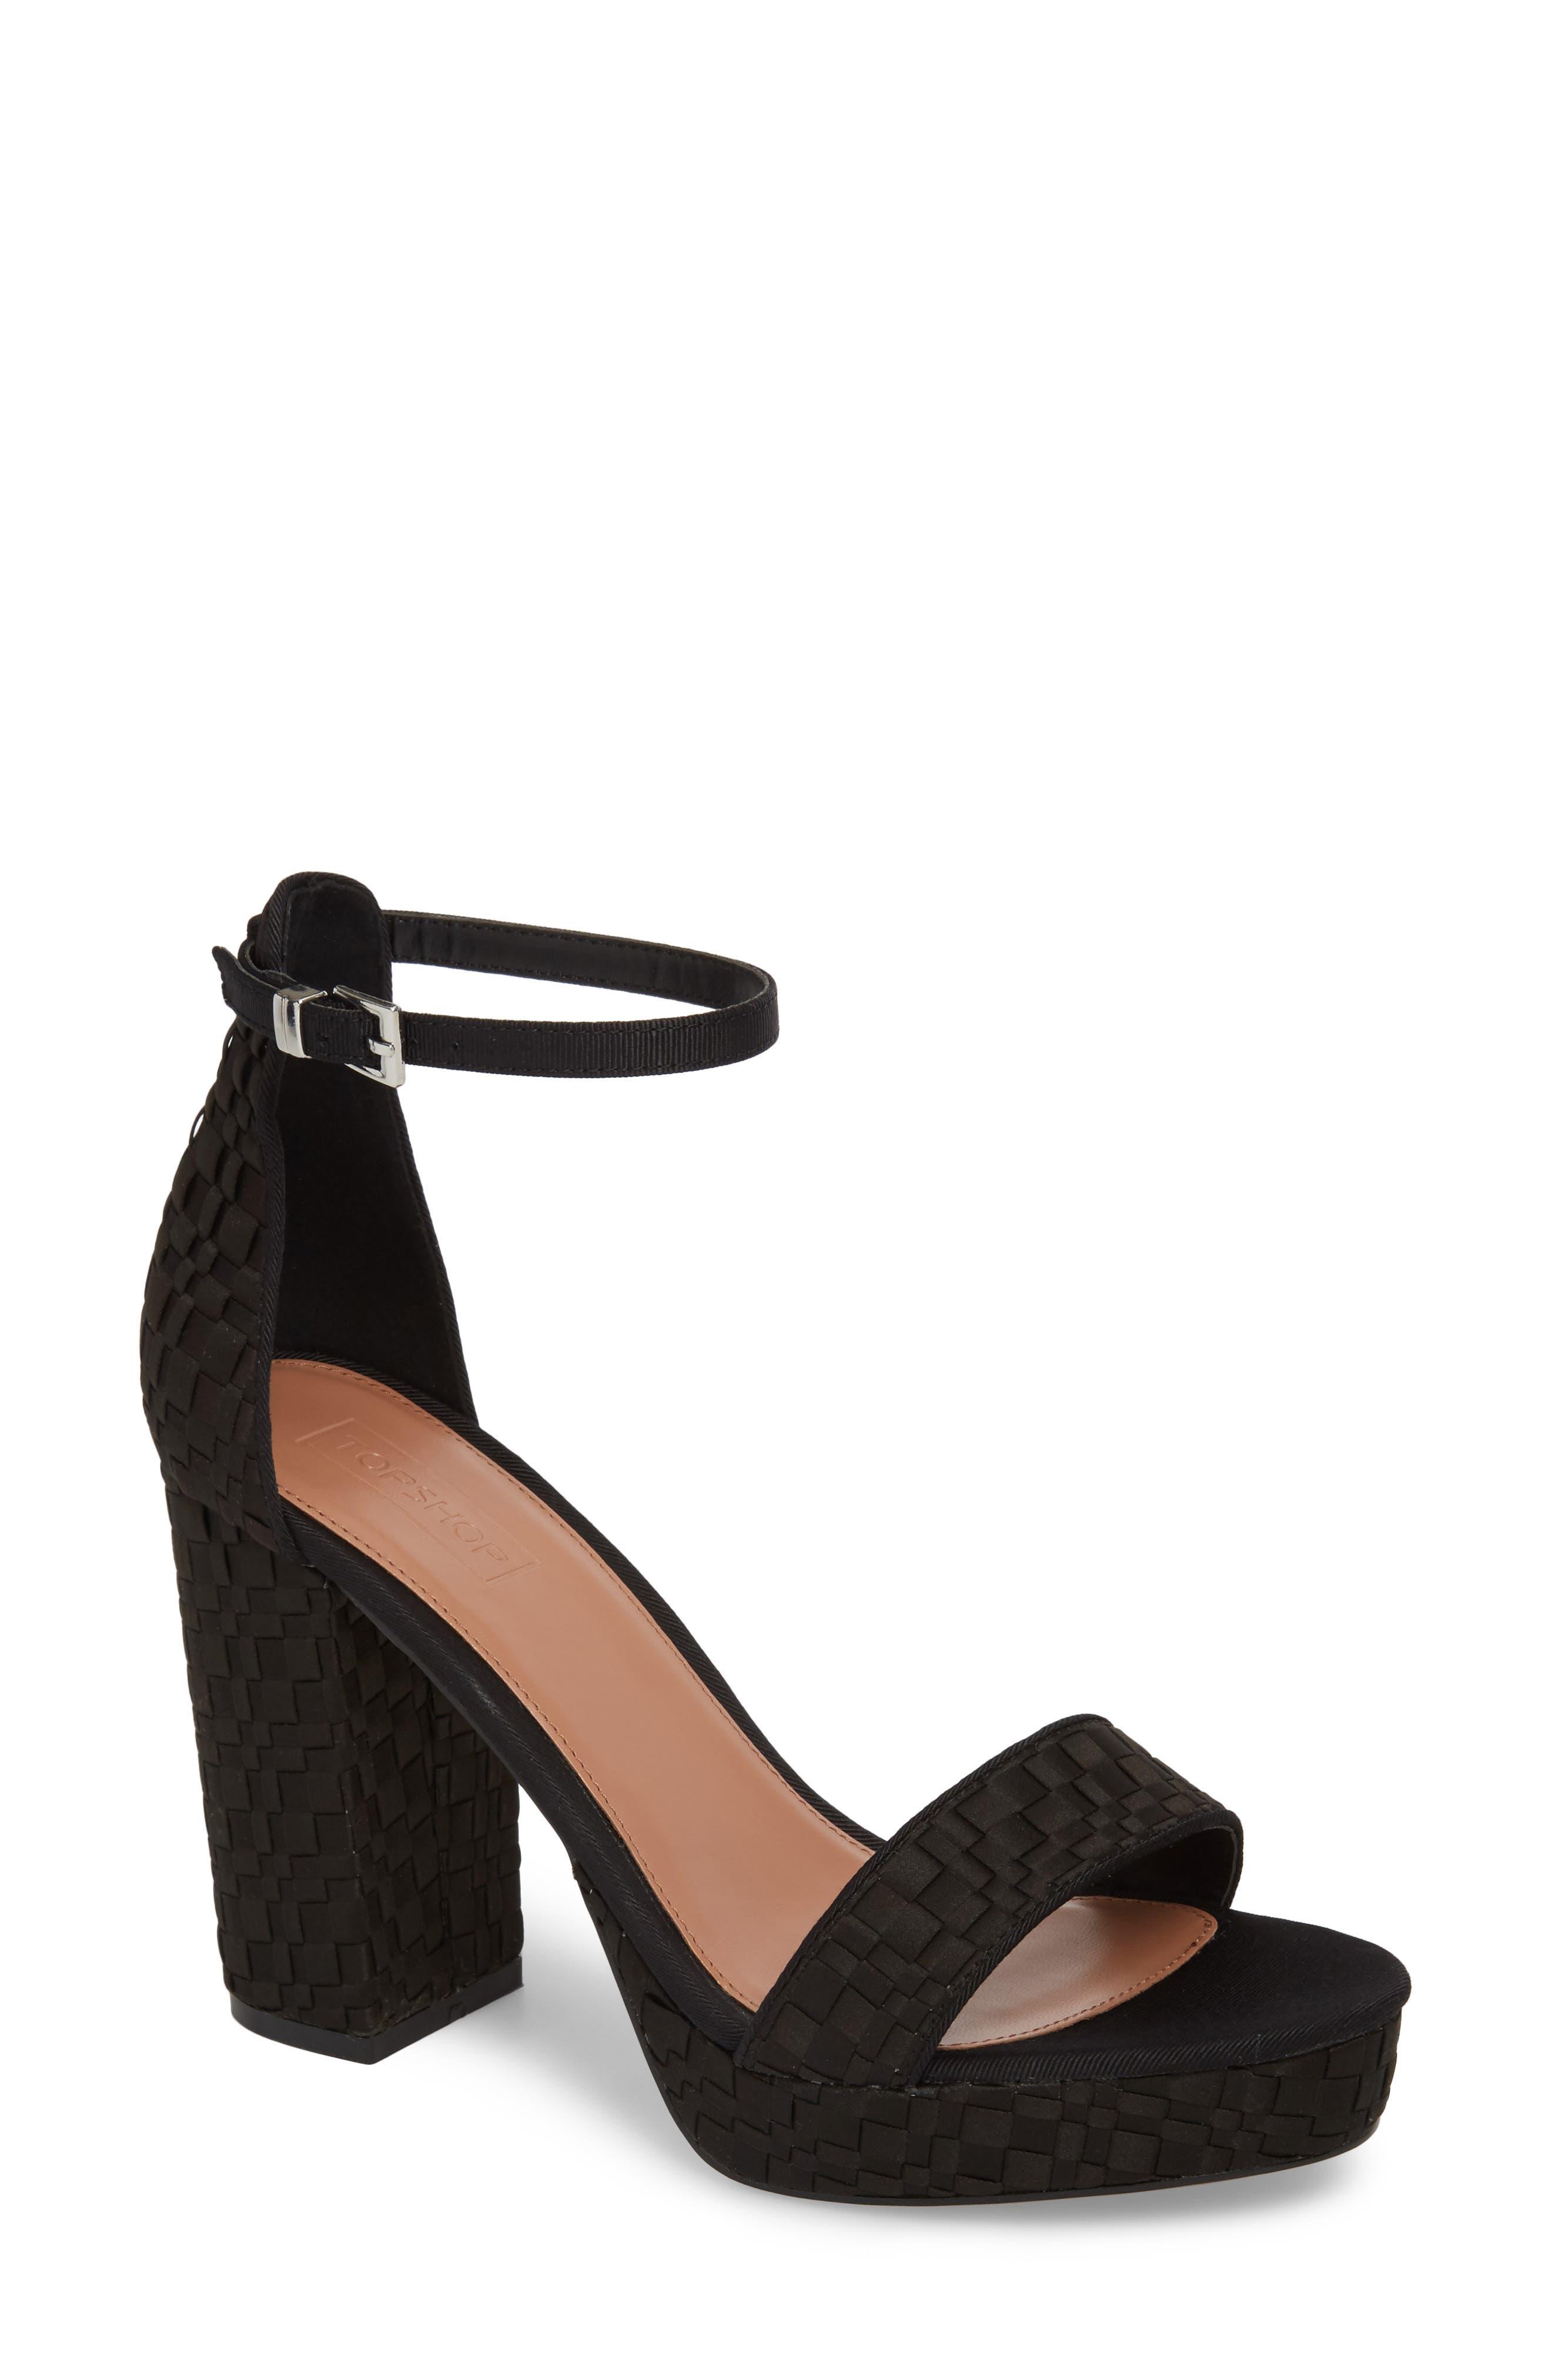 Sloane Woven Platform Sandal,                             Main thumbnail 1, color,                             Black